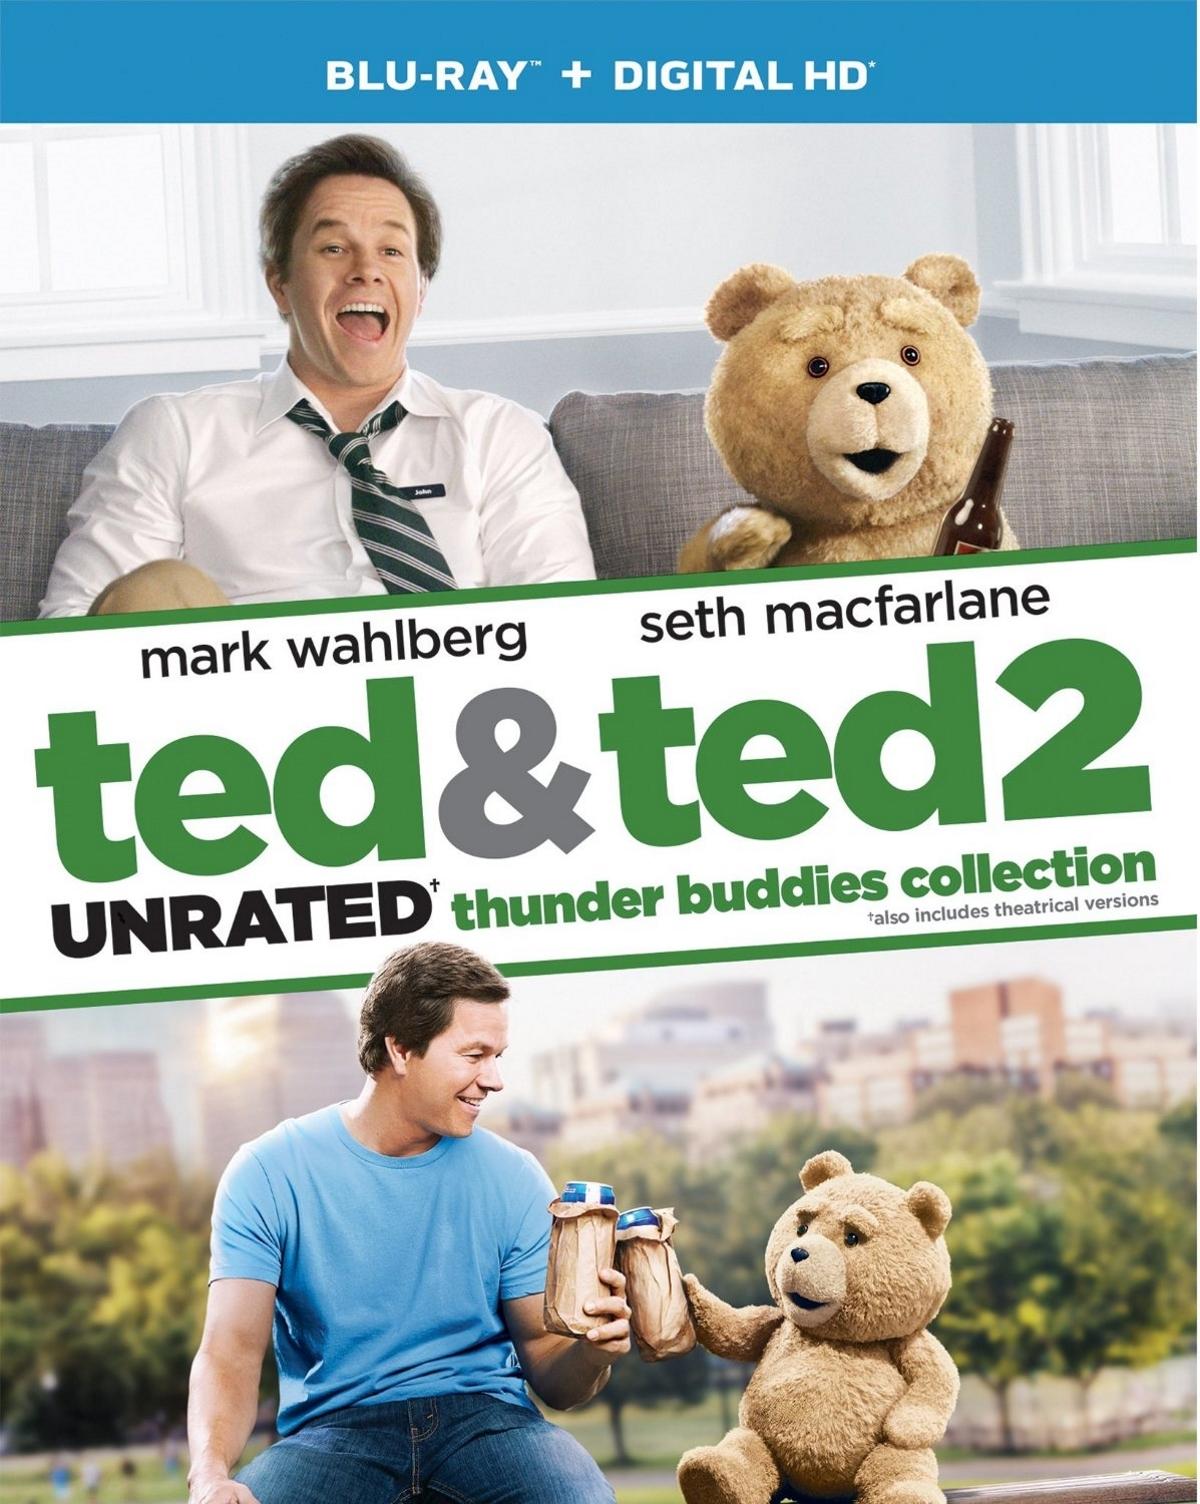 Ted movie 2 pack  blu ray   digital hd   ultraviolet  mark wahlberg macfarlane